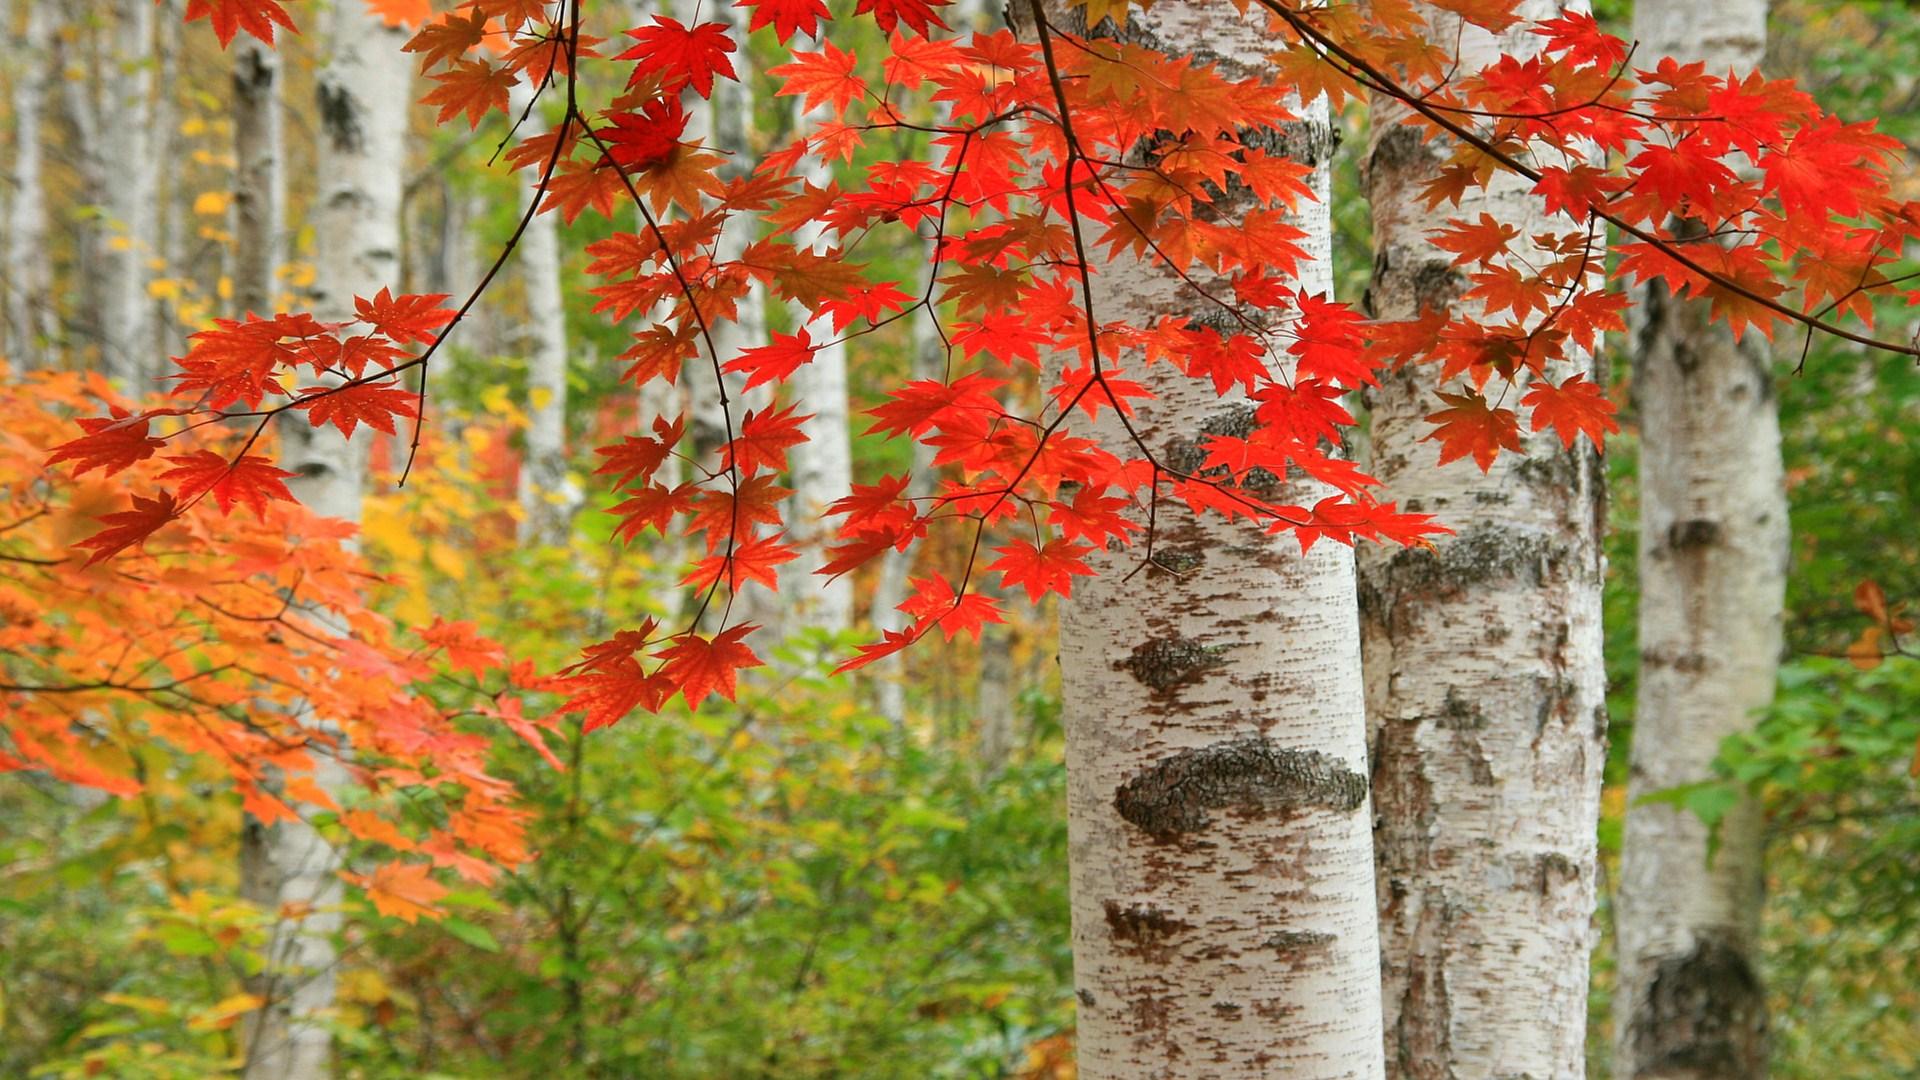 白樺林の紅葉 八千穂高原 のワイド壁紙19x1080 カレンダー壁紙館 昴 無料ワイド